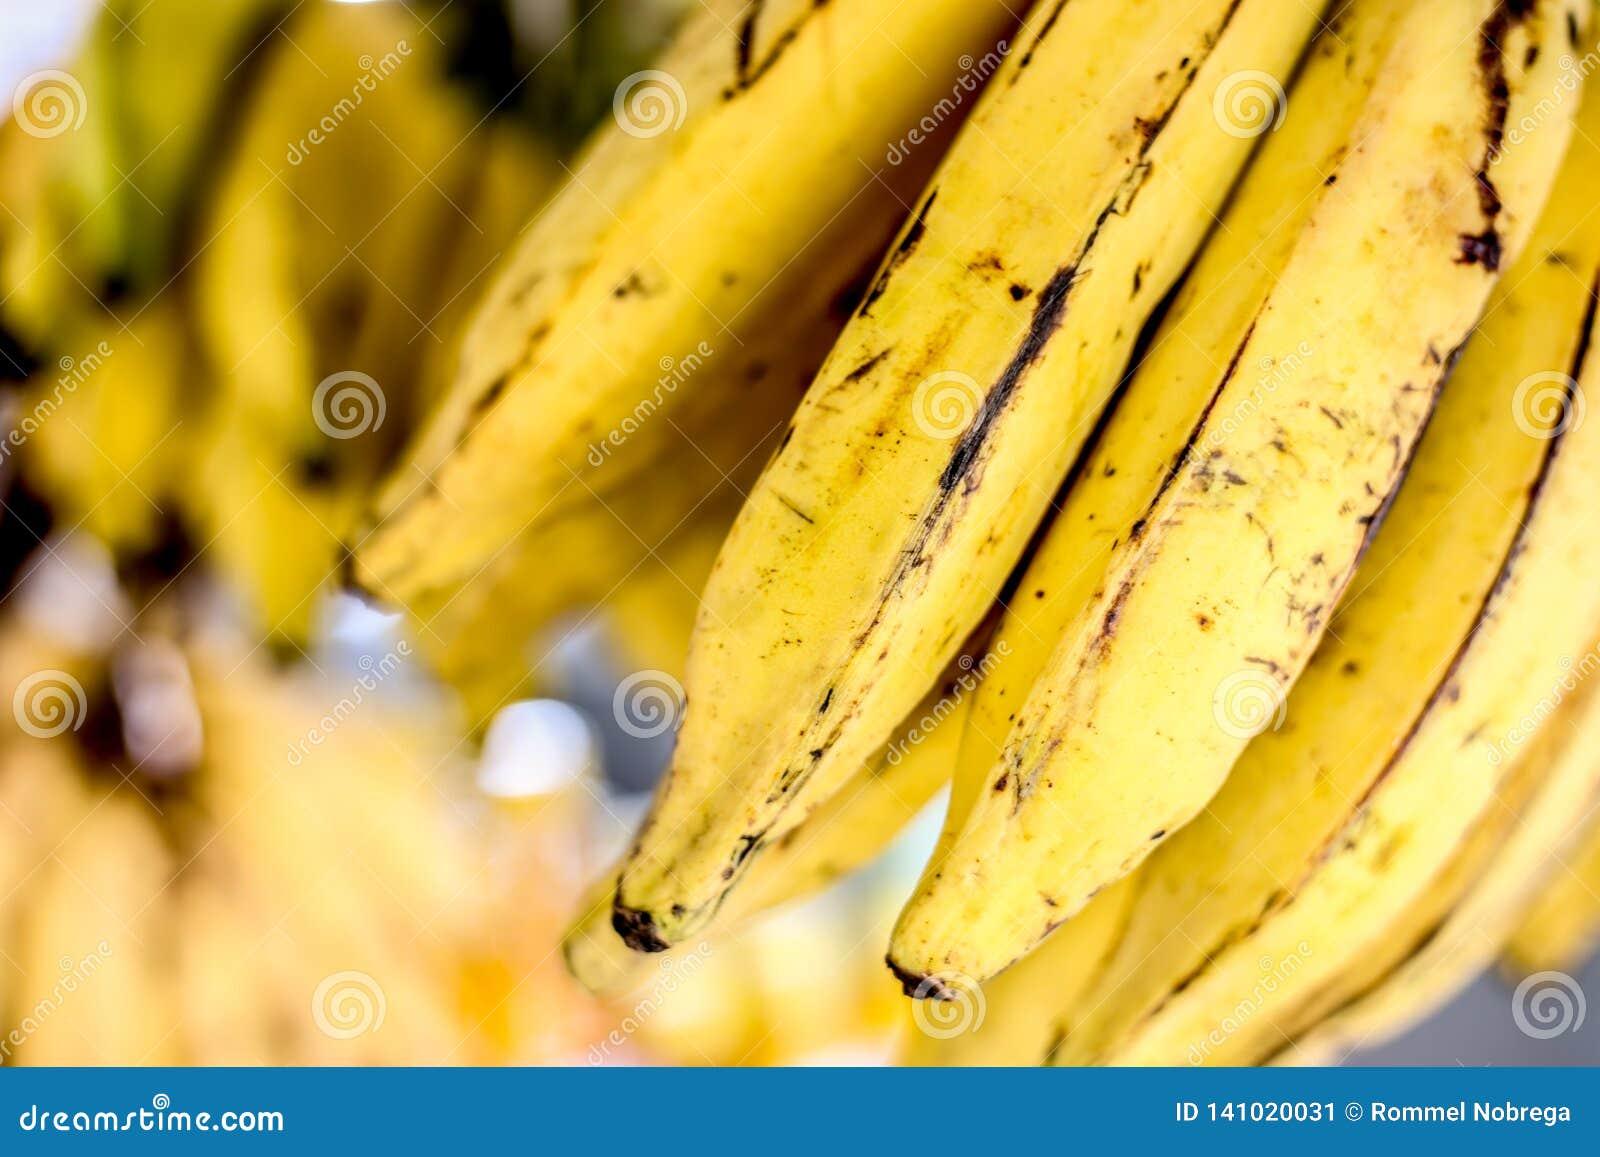 准备好新鲜的香蕉